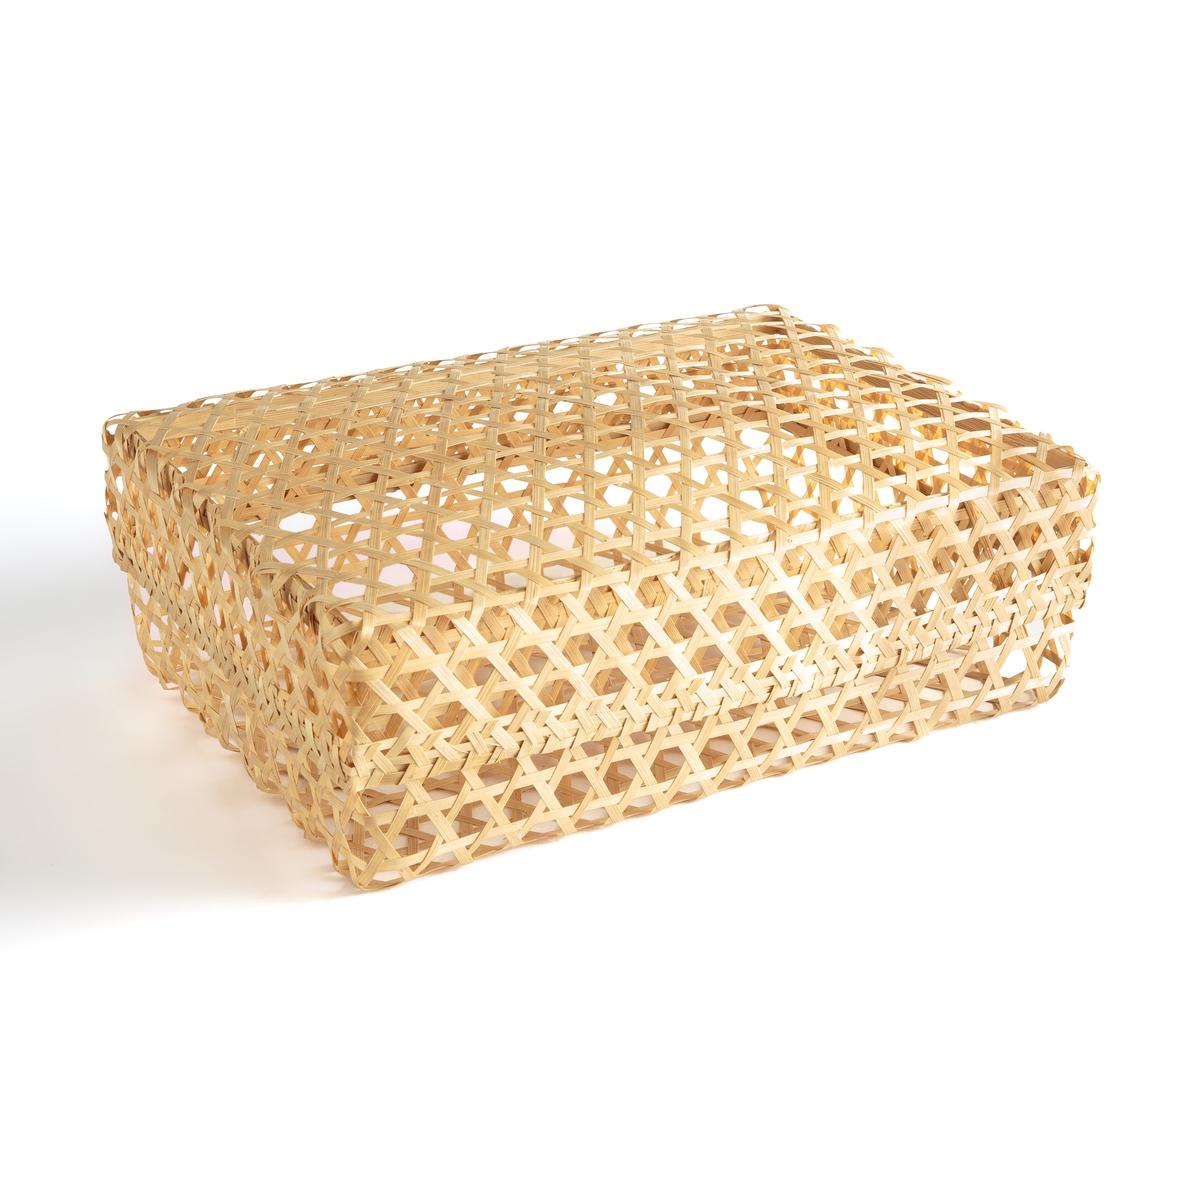 Коробка La Redoute Для хранения вещей из мягкого бамбука Telabo единый размер бежевый коробка для хранения вещей siku bu ikea